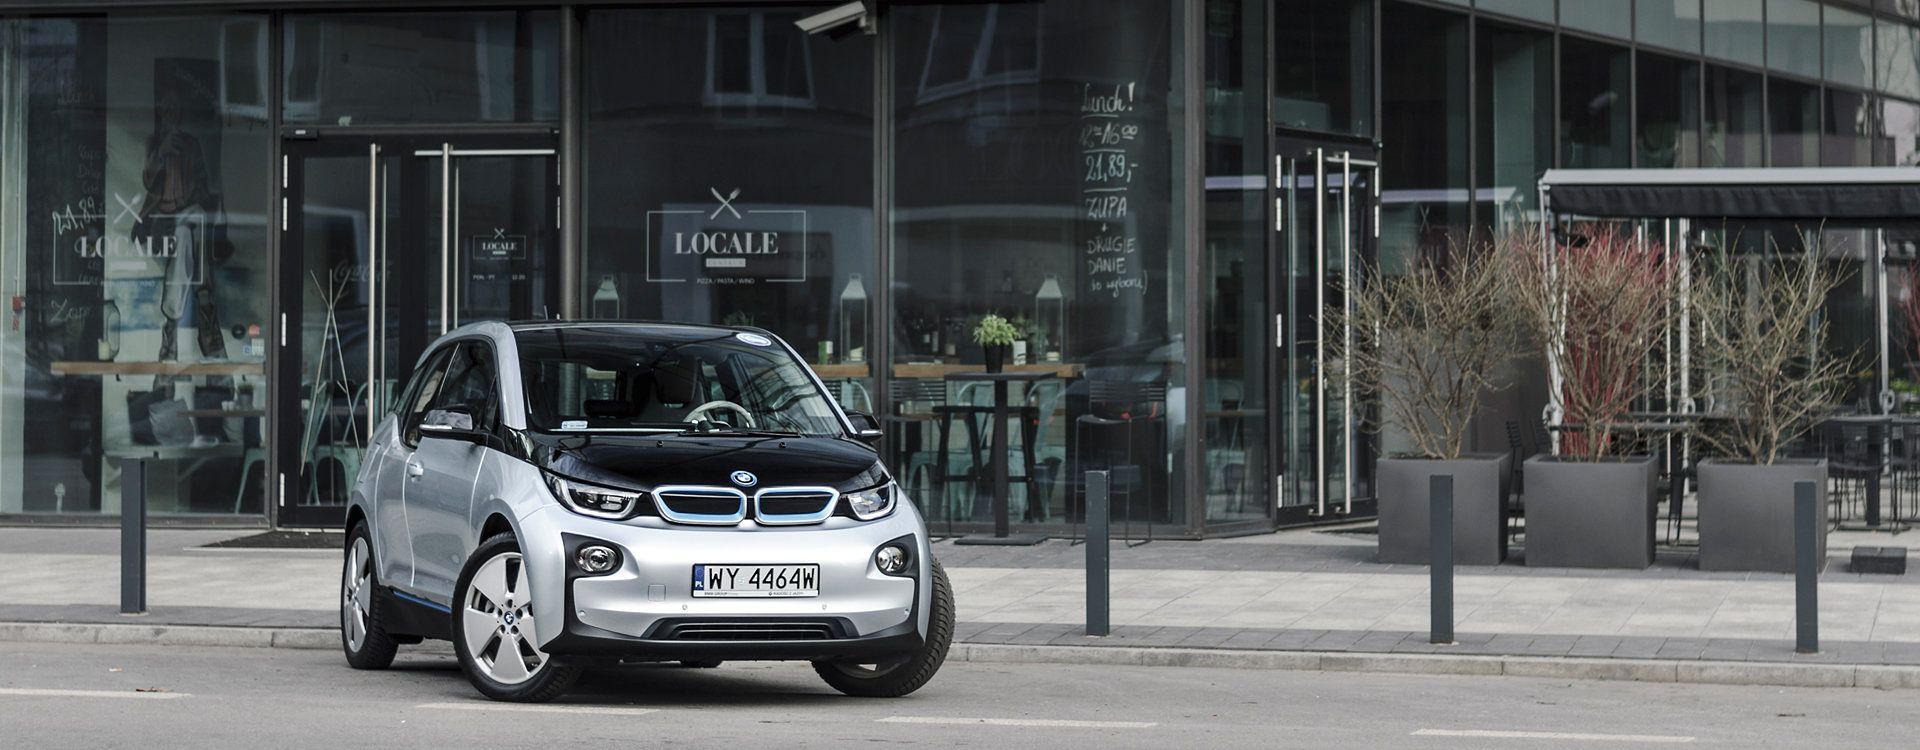 Elektryczny samochód miejski to coś nietypowego dla BMW